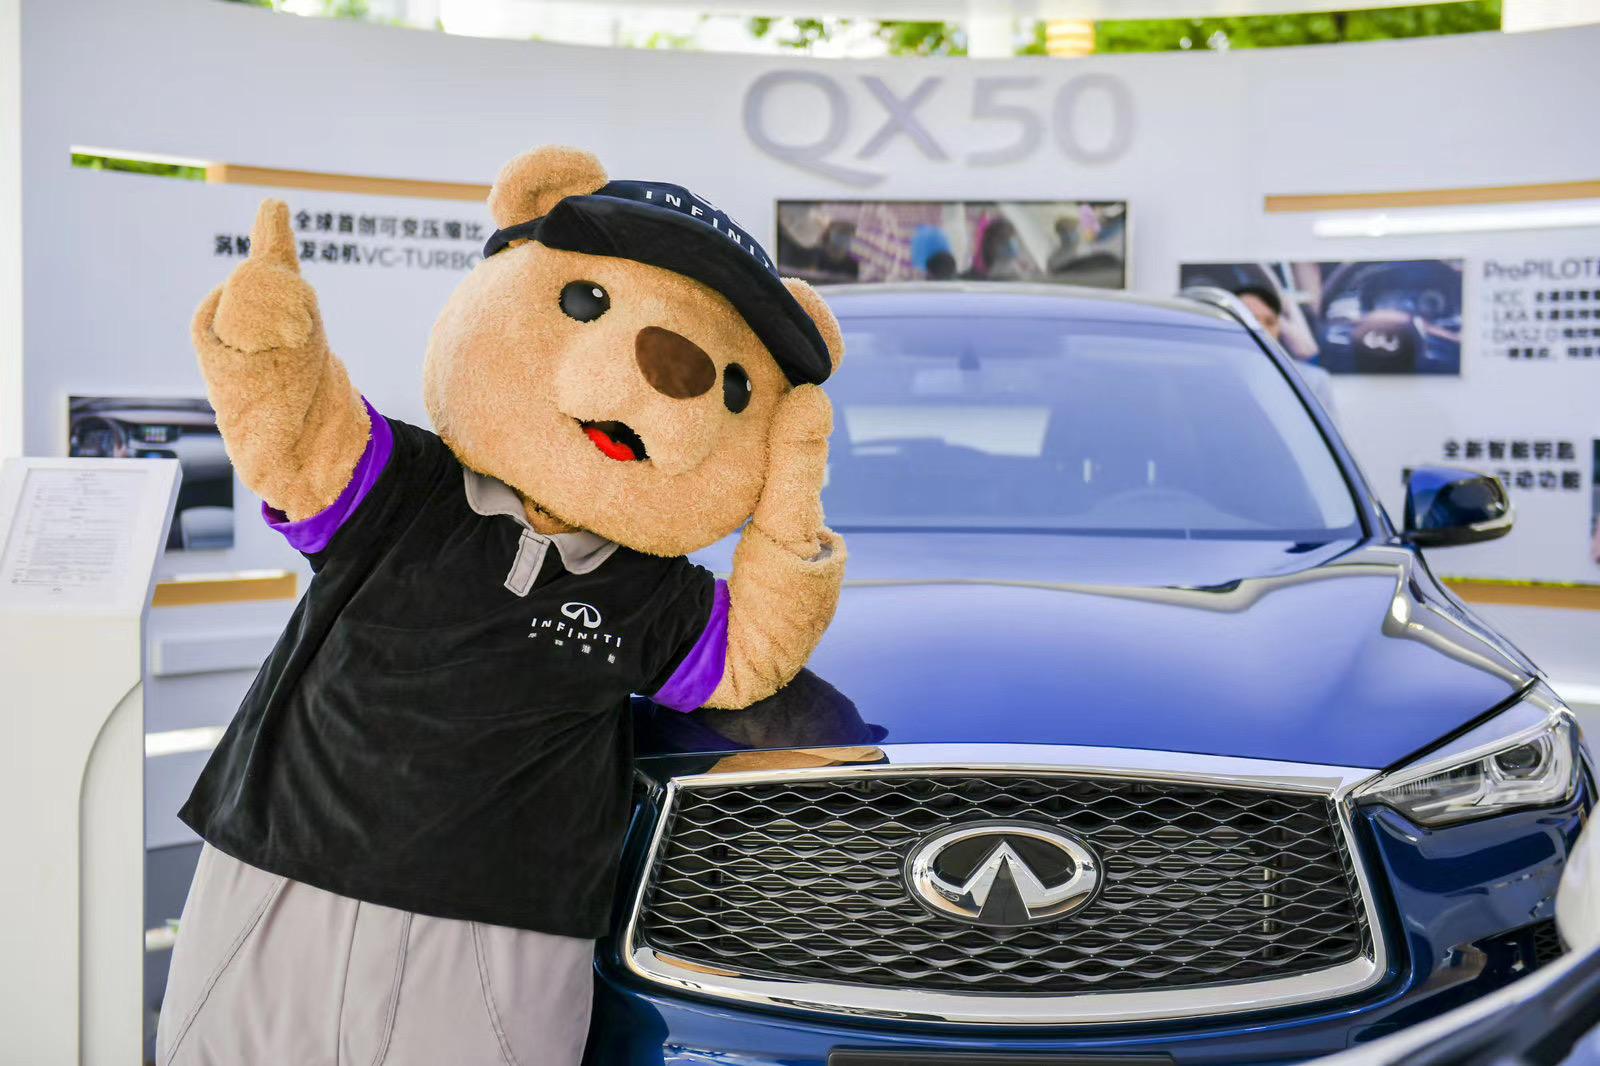 新英菲尼迪QX50快闪展览活动亮相上海久光百货,雨后客流感人